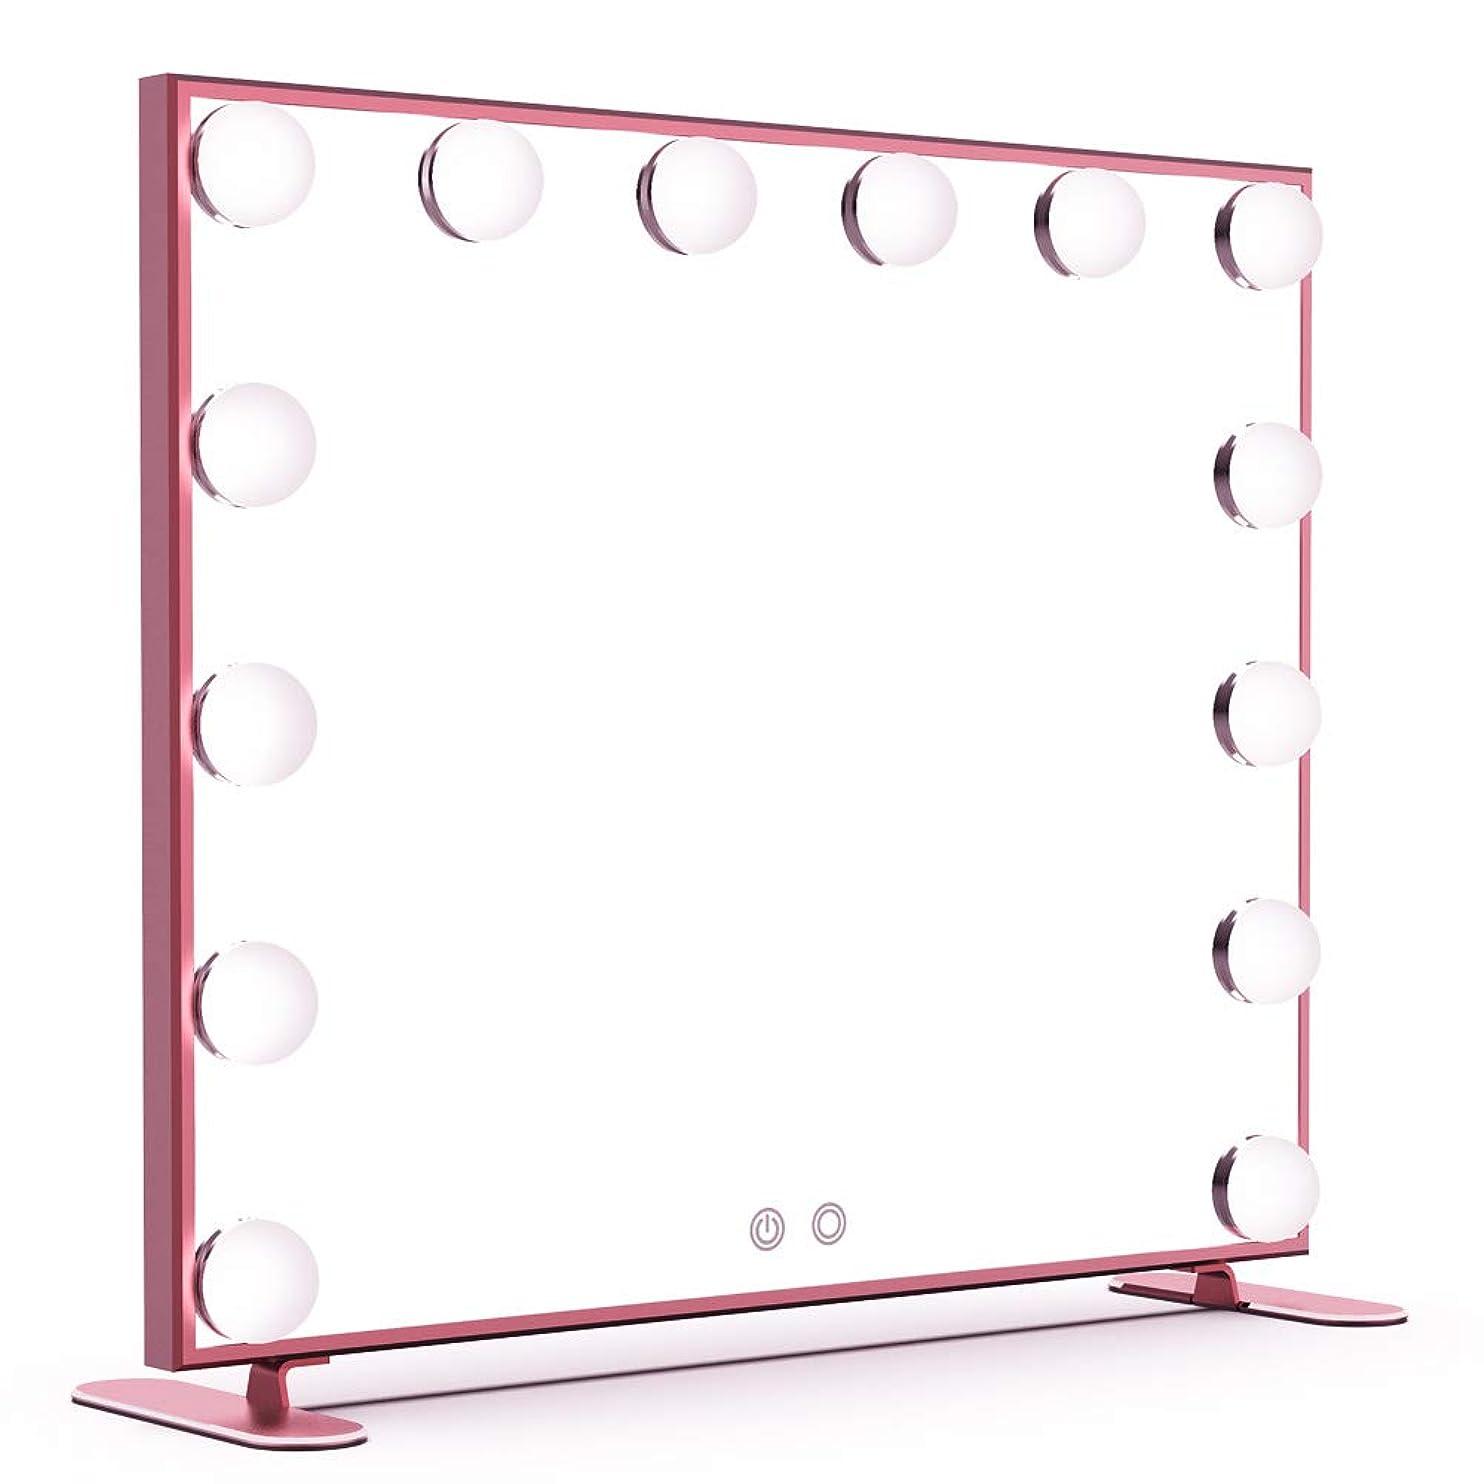 ランタンブルゴーニュくしゃみWonstart 女優ミラー 化粧鏡 ハリウッドスタイル 14個LED電球付き 暖色?寒色 2色ライトモード 明るさ調節可能 女優ライト 卓上 LEDミラー ドレッサー/化粧台適用(ピンク)